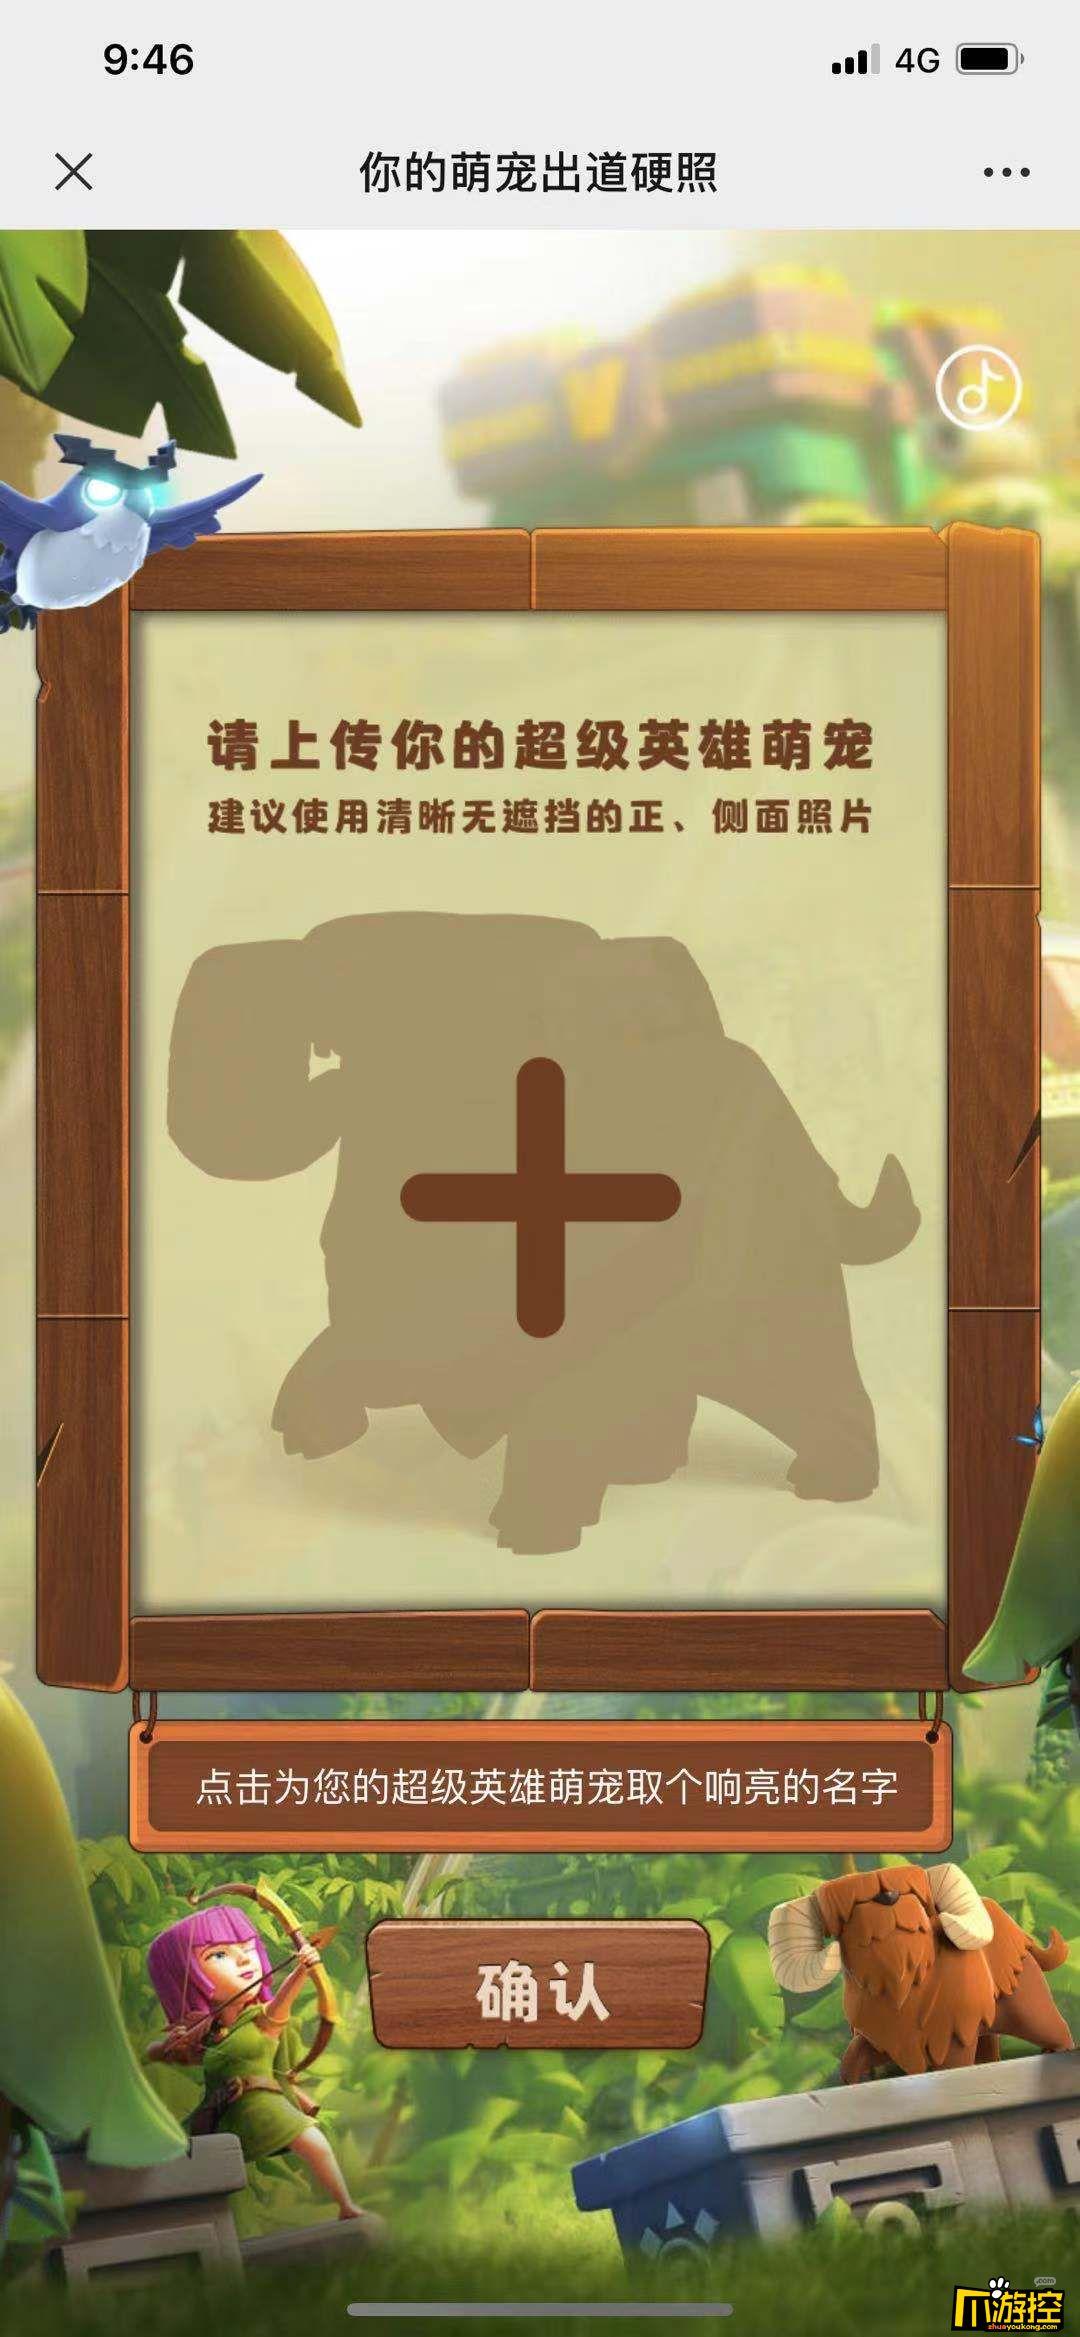 《部落冲突》宠物主题海报曝光:战宠相伴 人人是英雄